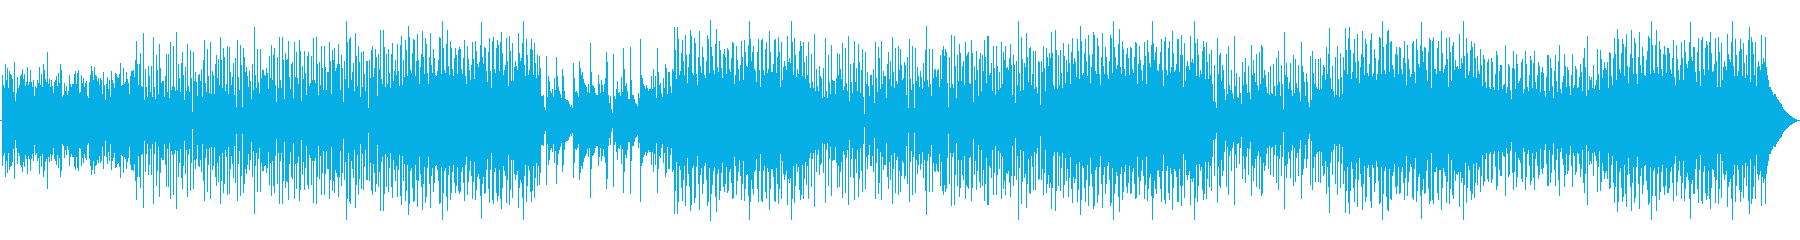 伝統的なジャズの要素とモダンなグル...の再生済みの波形